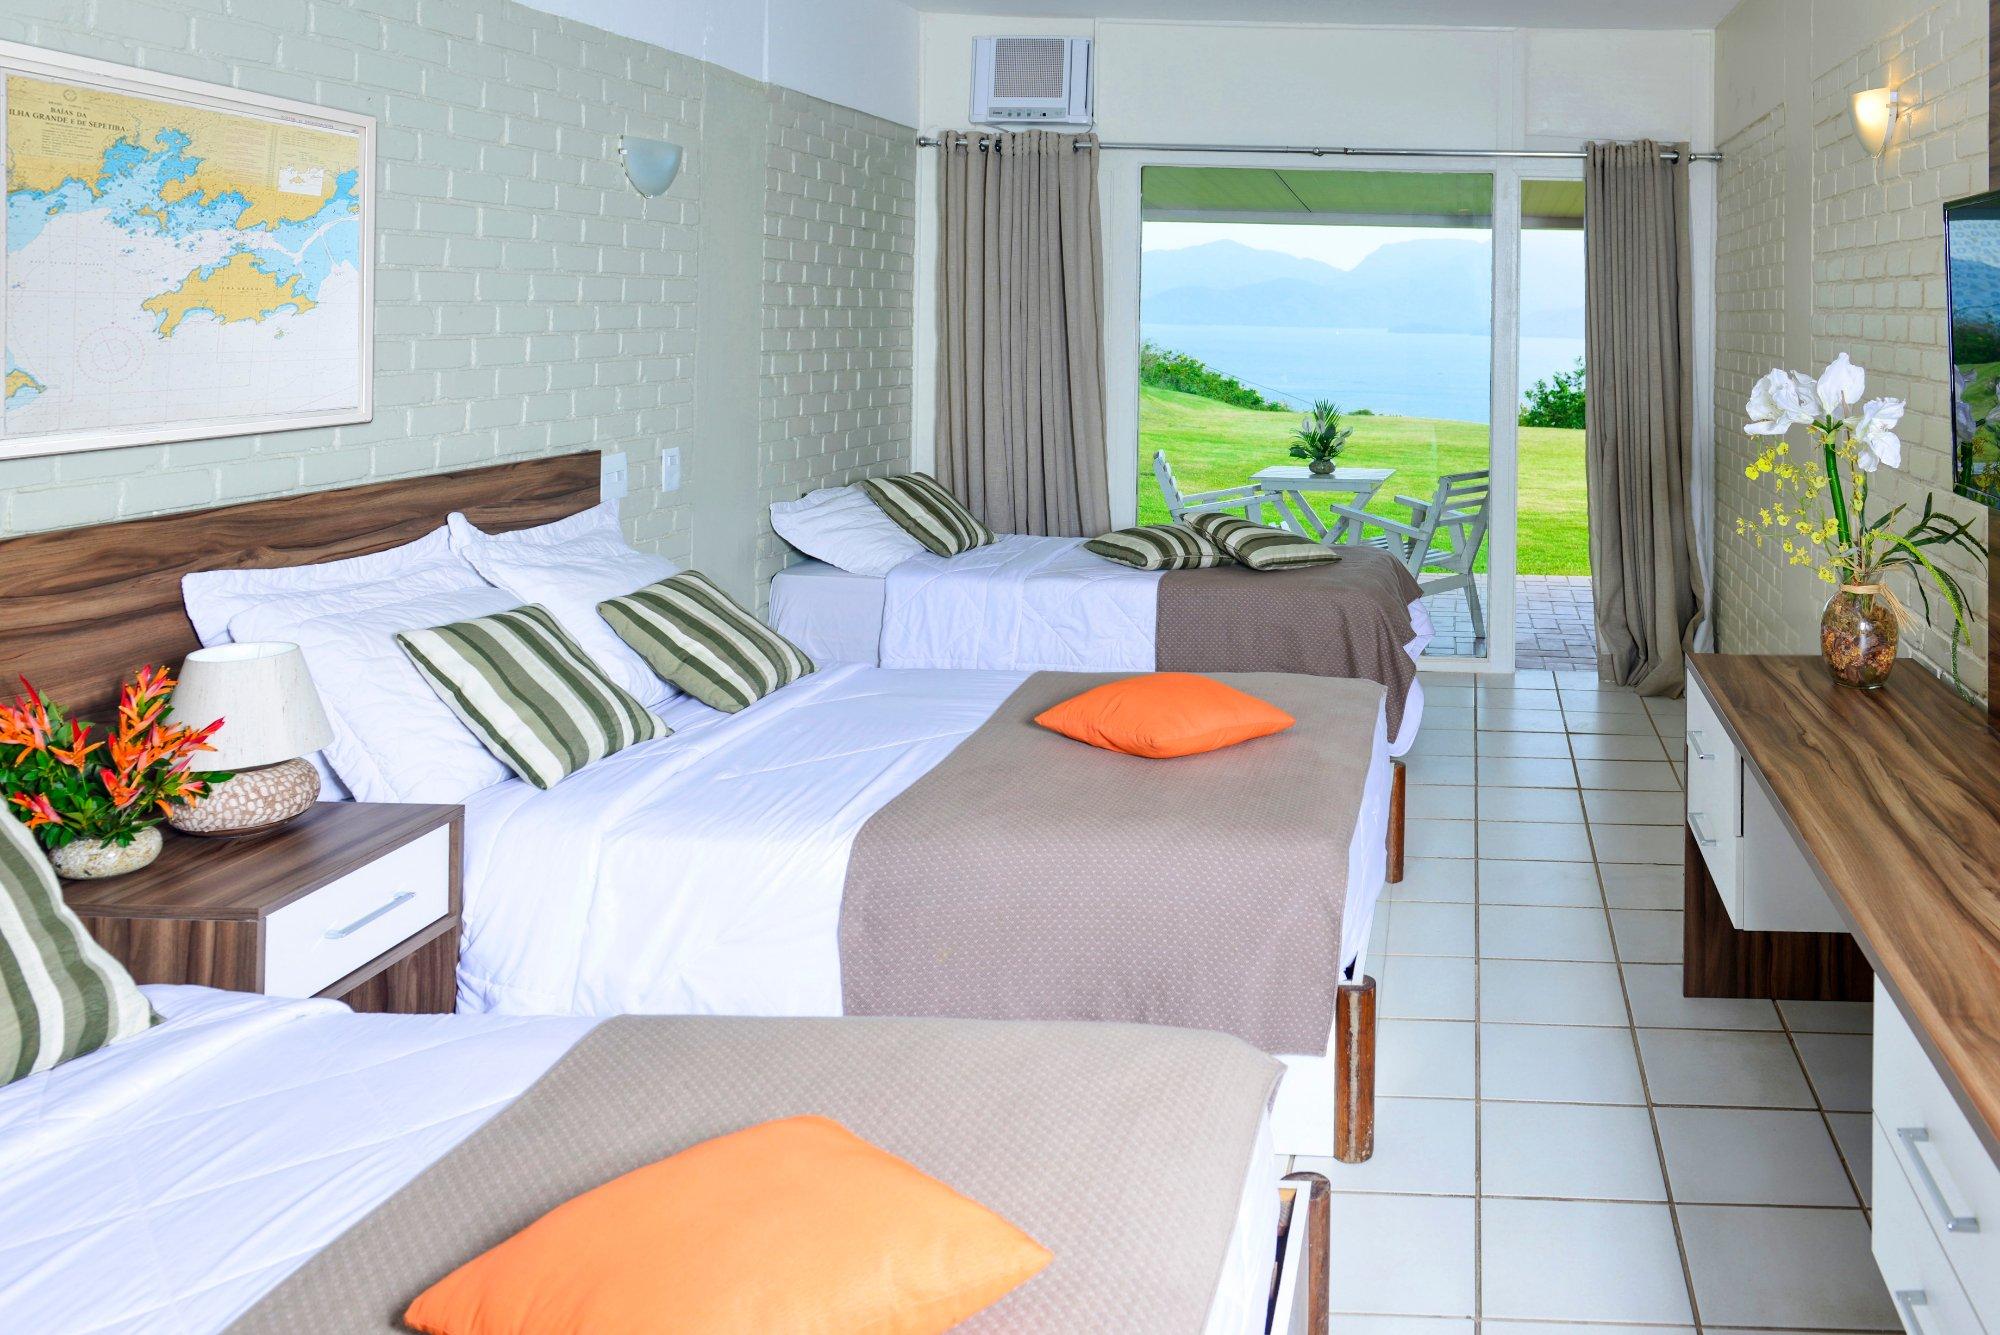 Portogalo Suite Hotel